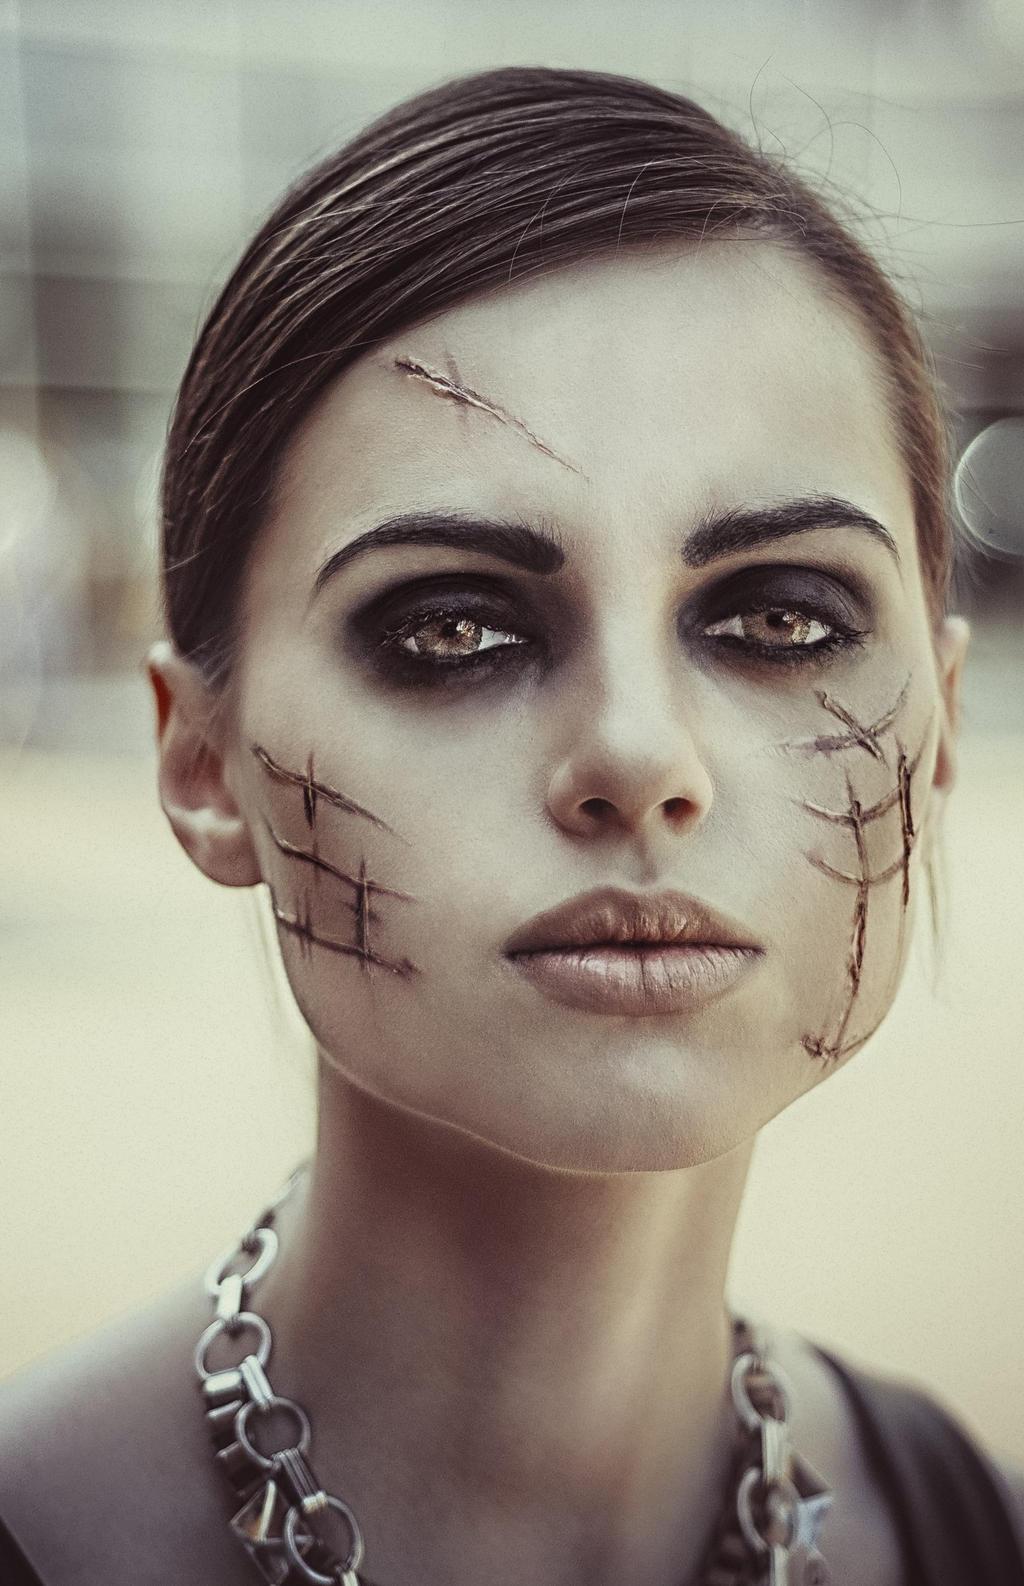 Renegade Face by ShadowNek